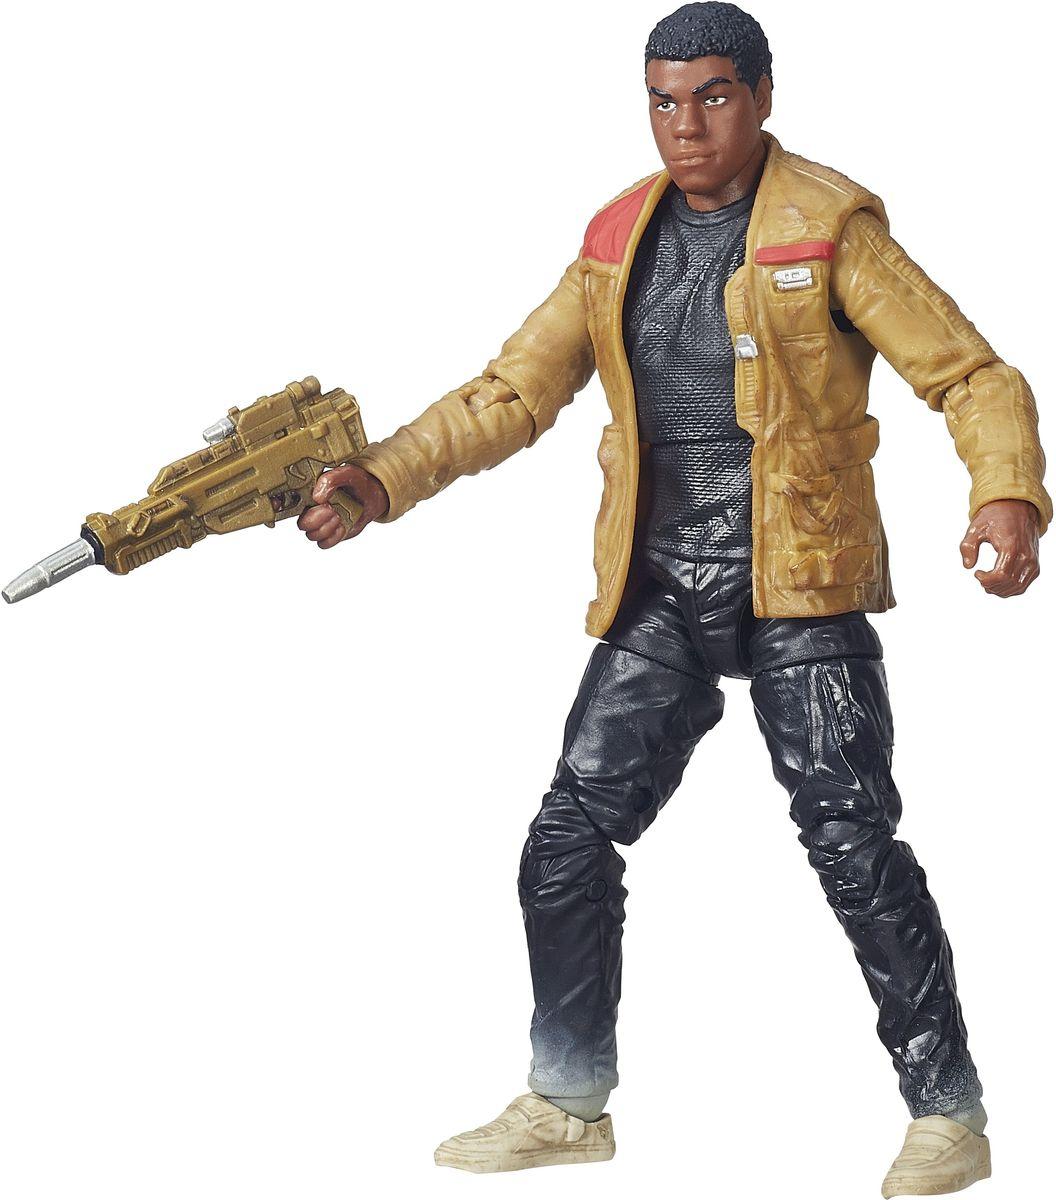 Star Wars Фигурка Black Series Finn JakkuB3834EU4_B3835Фигурка Star Wars Finn Jakku создана в виде героя всеми любимой фантастической саги Звездные Войны. Фигурка из пластика проработана до мельчайших деталей и является точной копией своего прототипа в уменьшенном размере. Конечности фигурки подвижны: поворачивается голова, сгибаются ноги в коленях, а руки в локтях. Все это сделает игру реалистичной и разнообразной. Такая фигурка непременно понравится поклоннику Звездных войн и станет замечательным украшением любой коллекции. В наборе: фигурка и оружие.